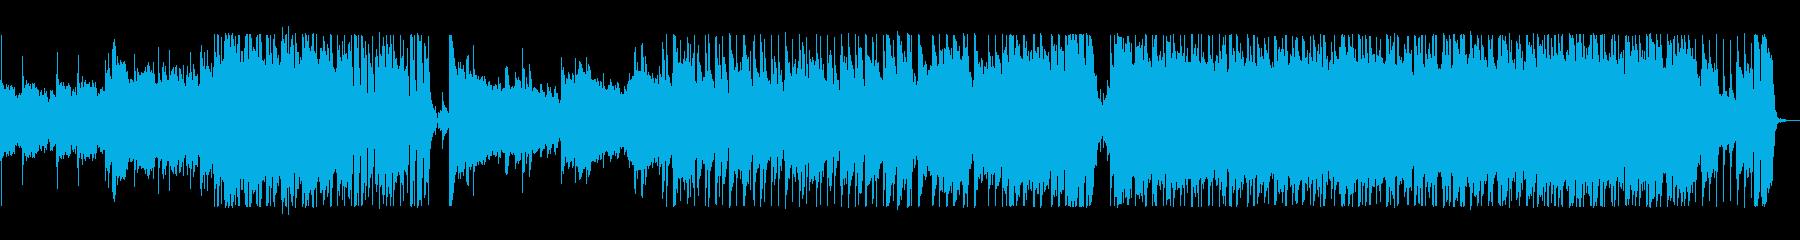 ダイナミックで爽やかなロックの再生済みの波形